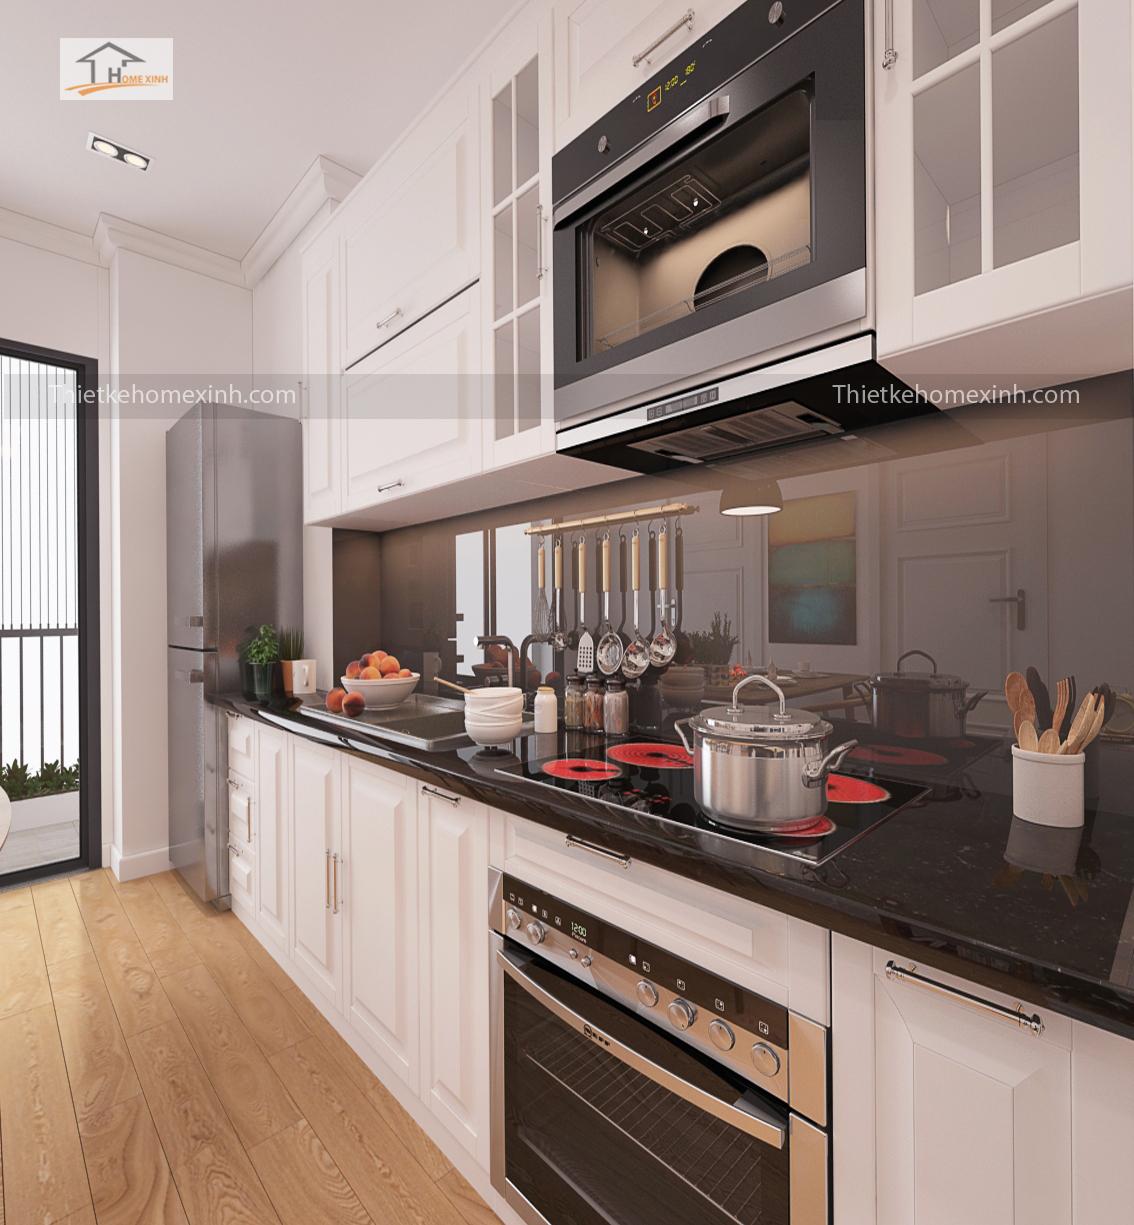 Thiết kế mẫu tủ bếp hiện đại với tông màu trắng